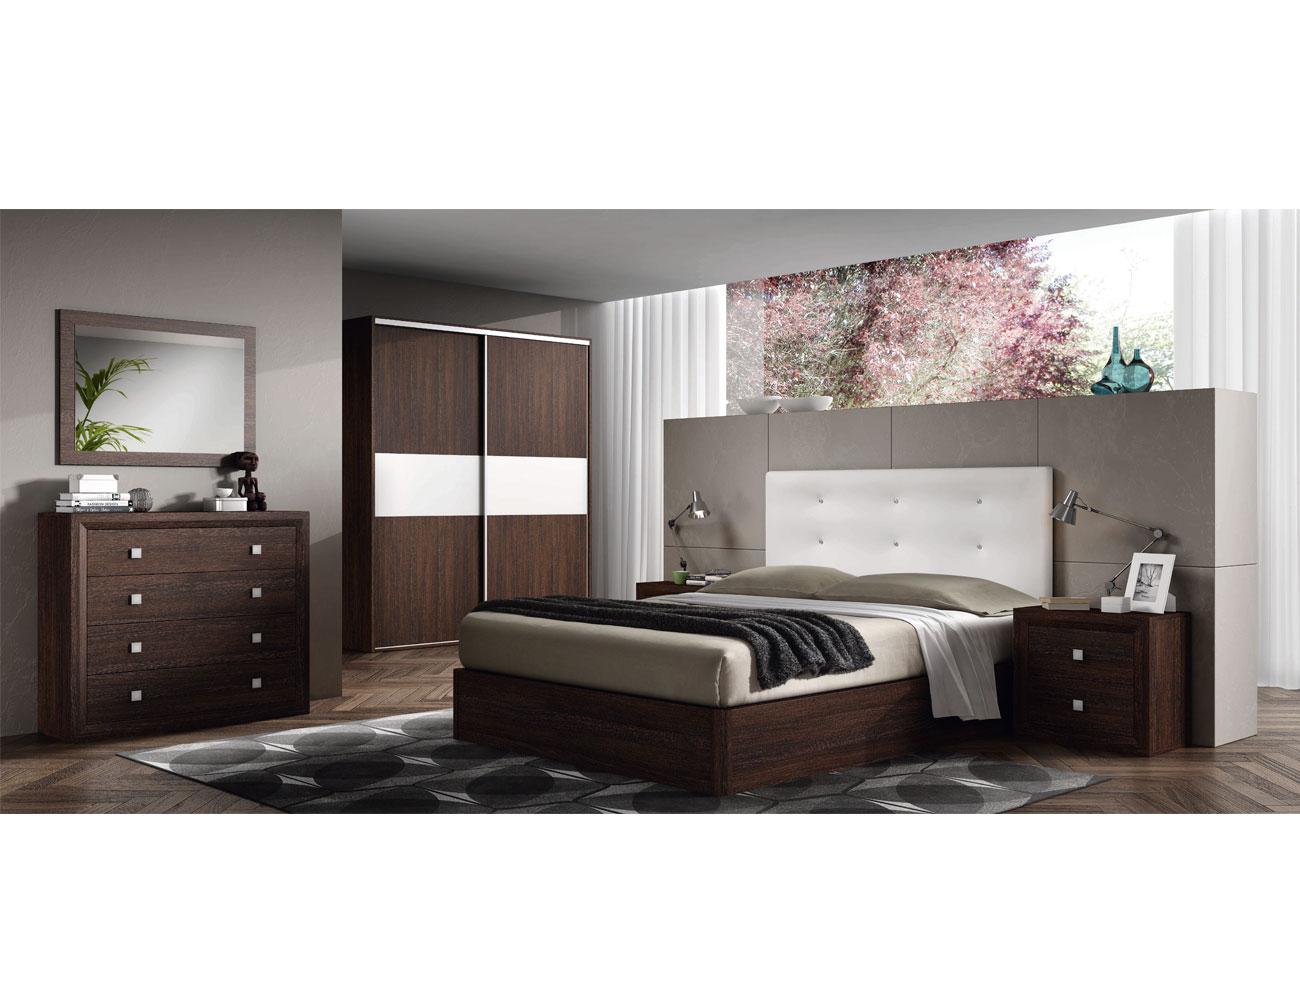 12 dormitorio matrimonio cabecero tapizado comoda wengue1